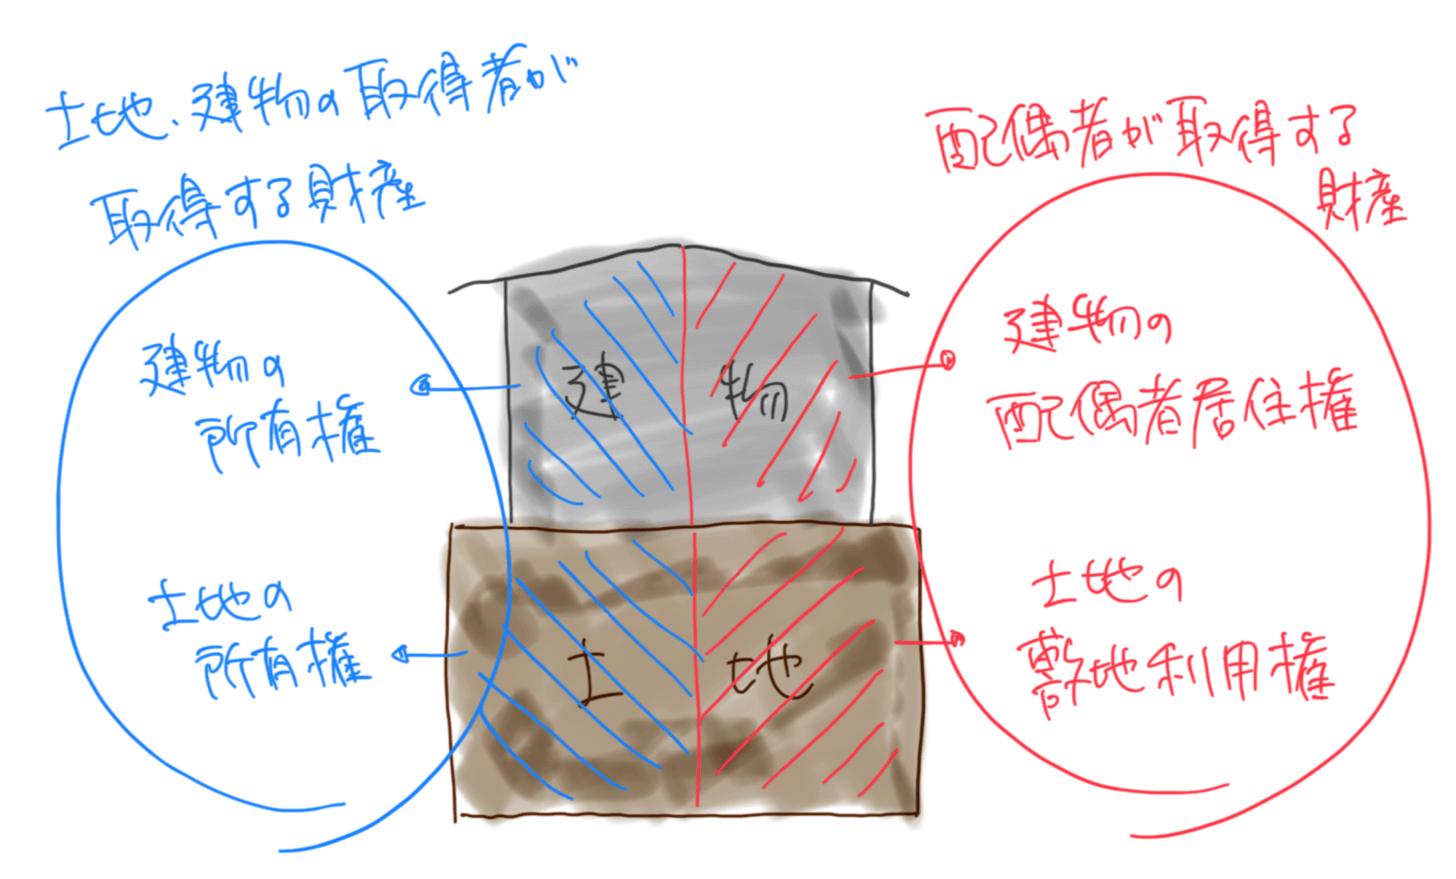 iPadで書いた図